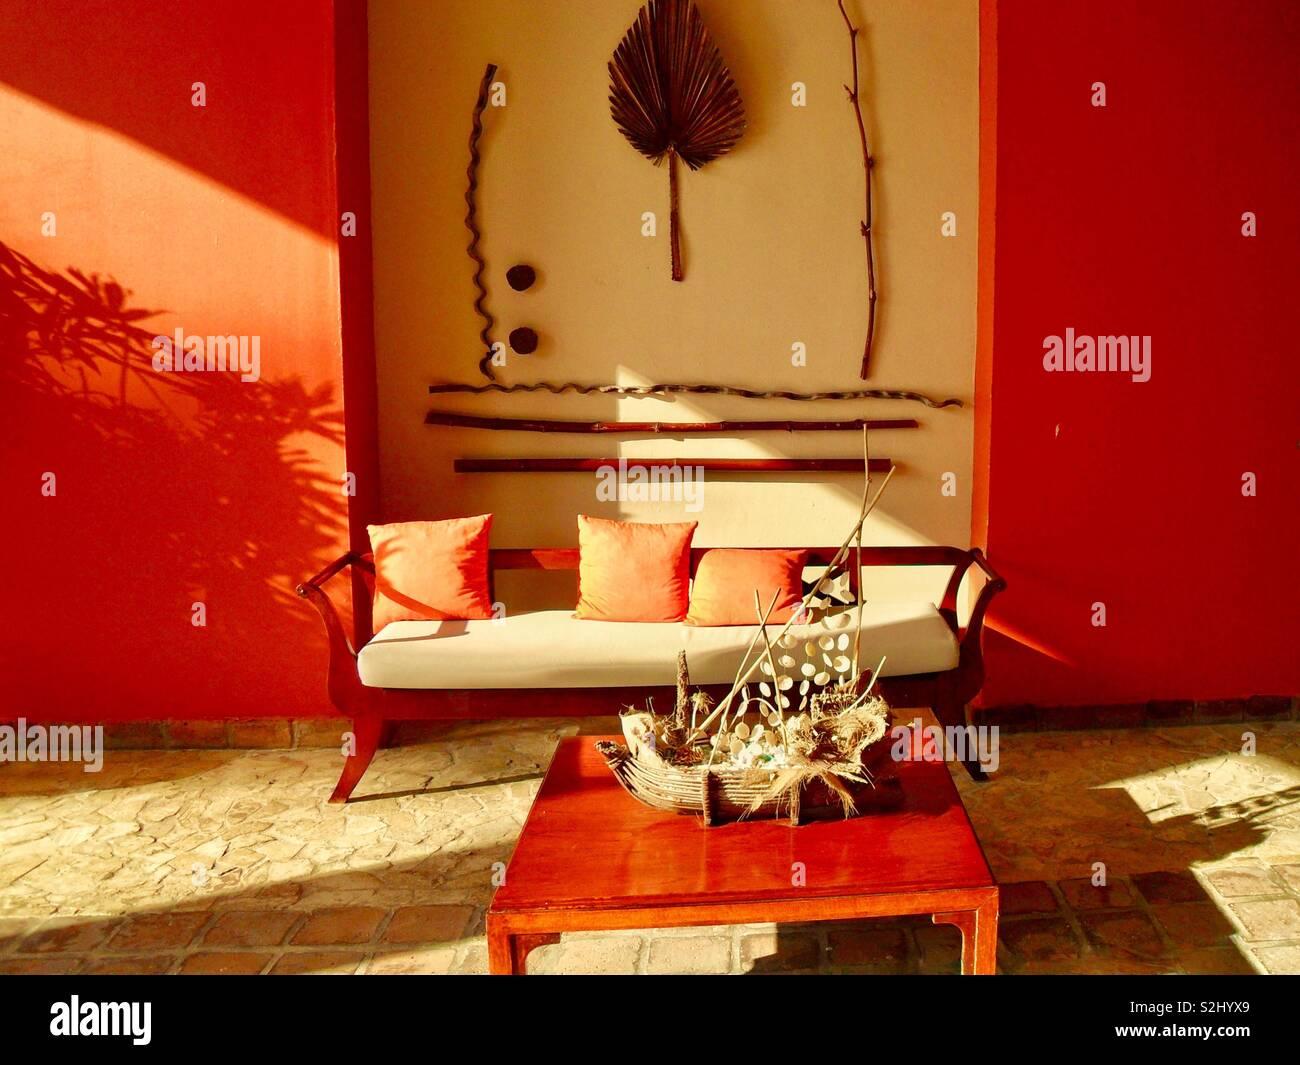 Espace de vie vide avec décor tribal et des couleurs fortes Banque D'Images